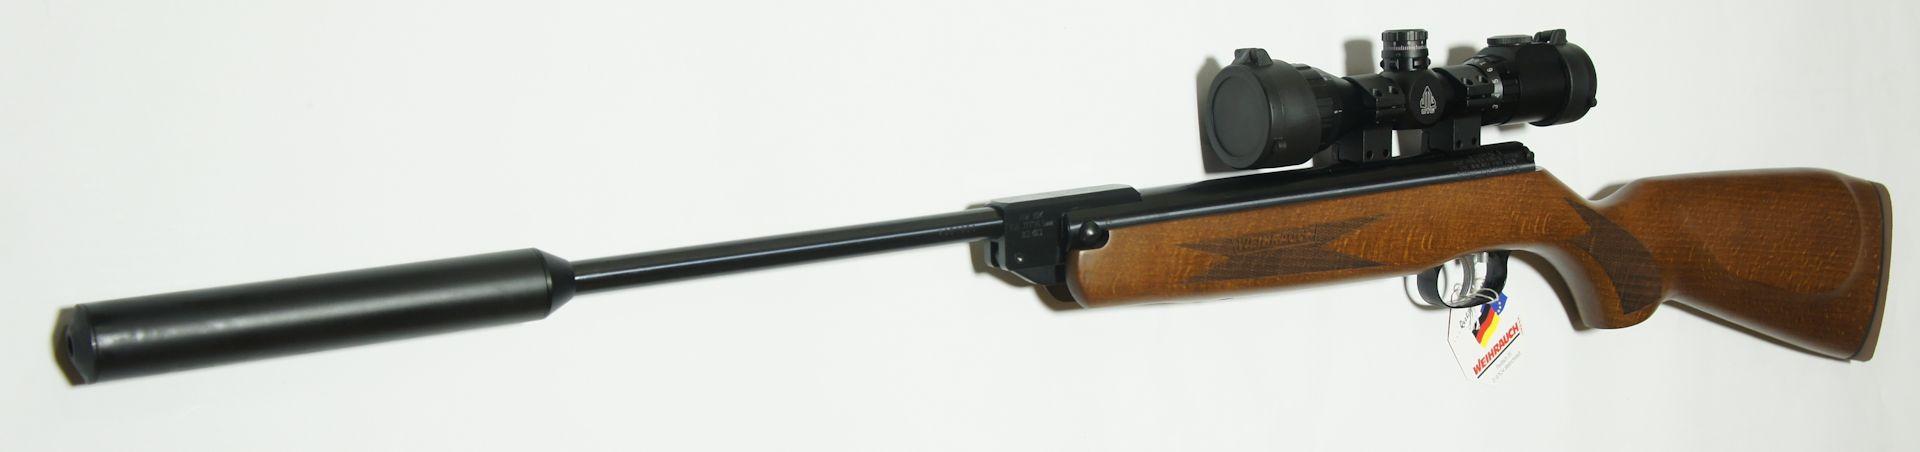 Luftgewehr Weihrauch HW 30 K (S) mit aufgeschraubtem <a href=1168812.htm>Schalldämpfer</a>  und montiertem Zielfernrohr <a href=11301155-11.htm>UTG Compact 3-9x32</a>